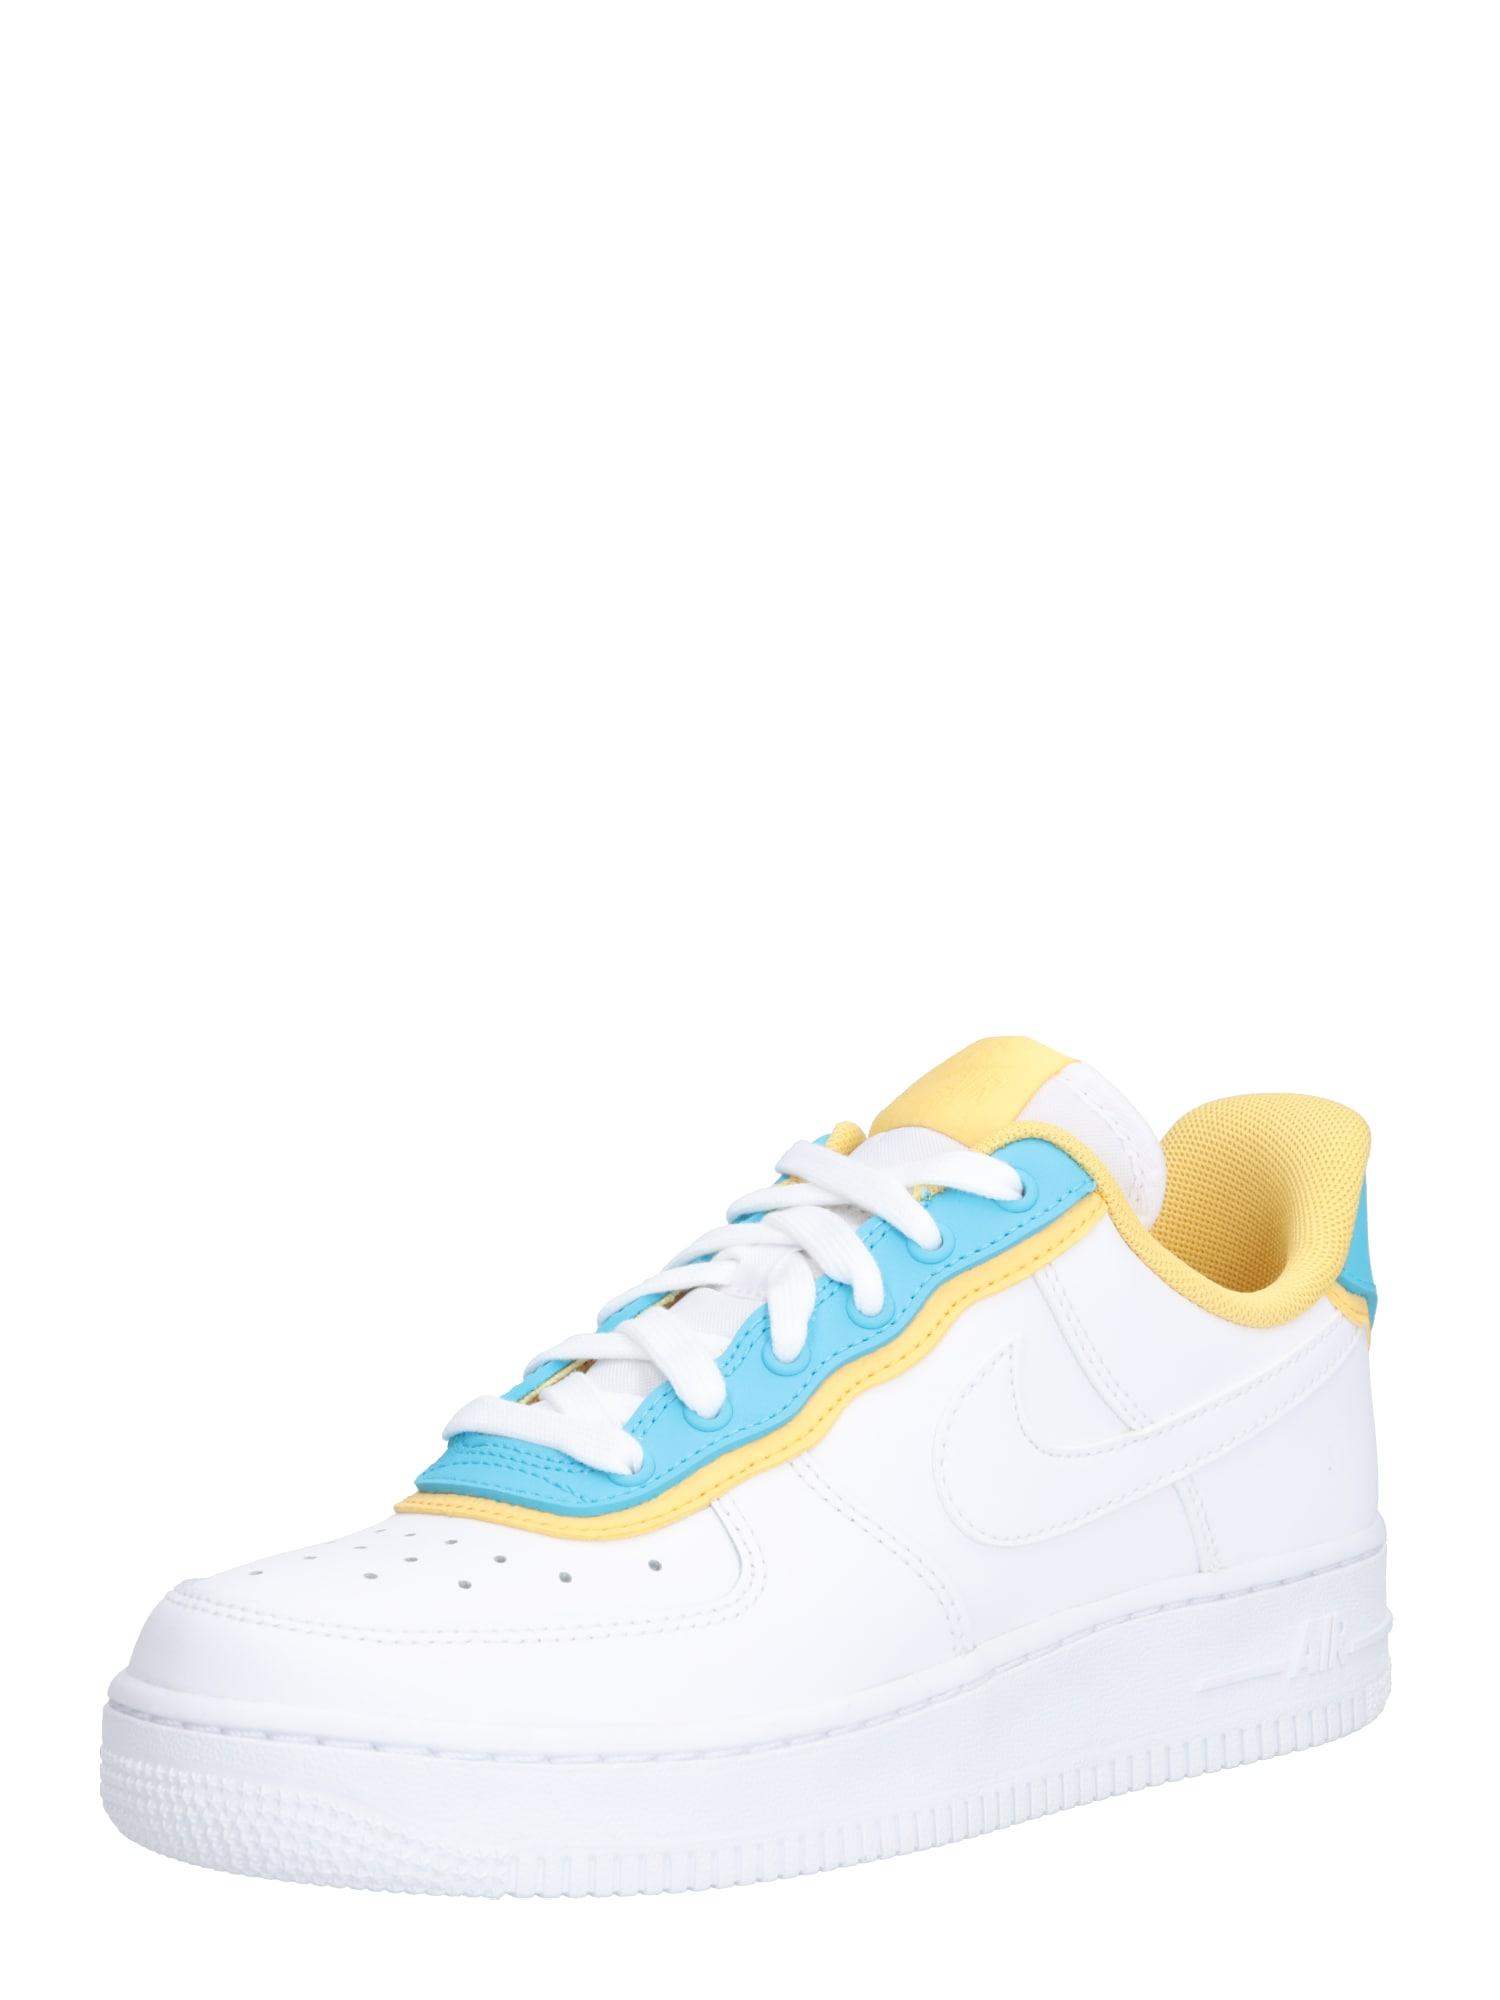 Tenisky Air force 1 07 zlatá mátová bílá Nike Sportswear